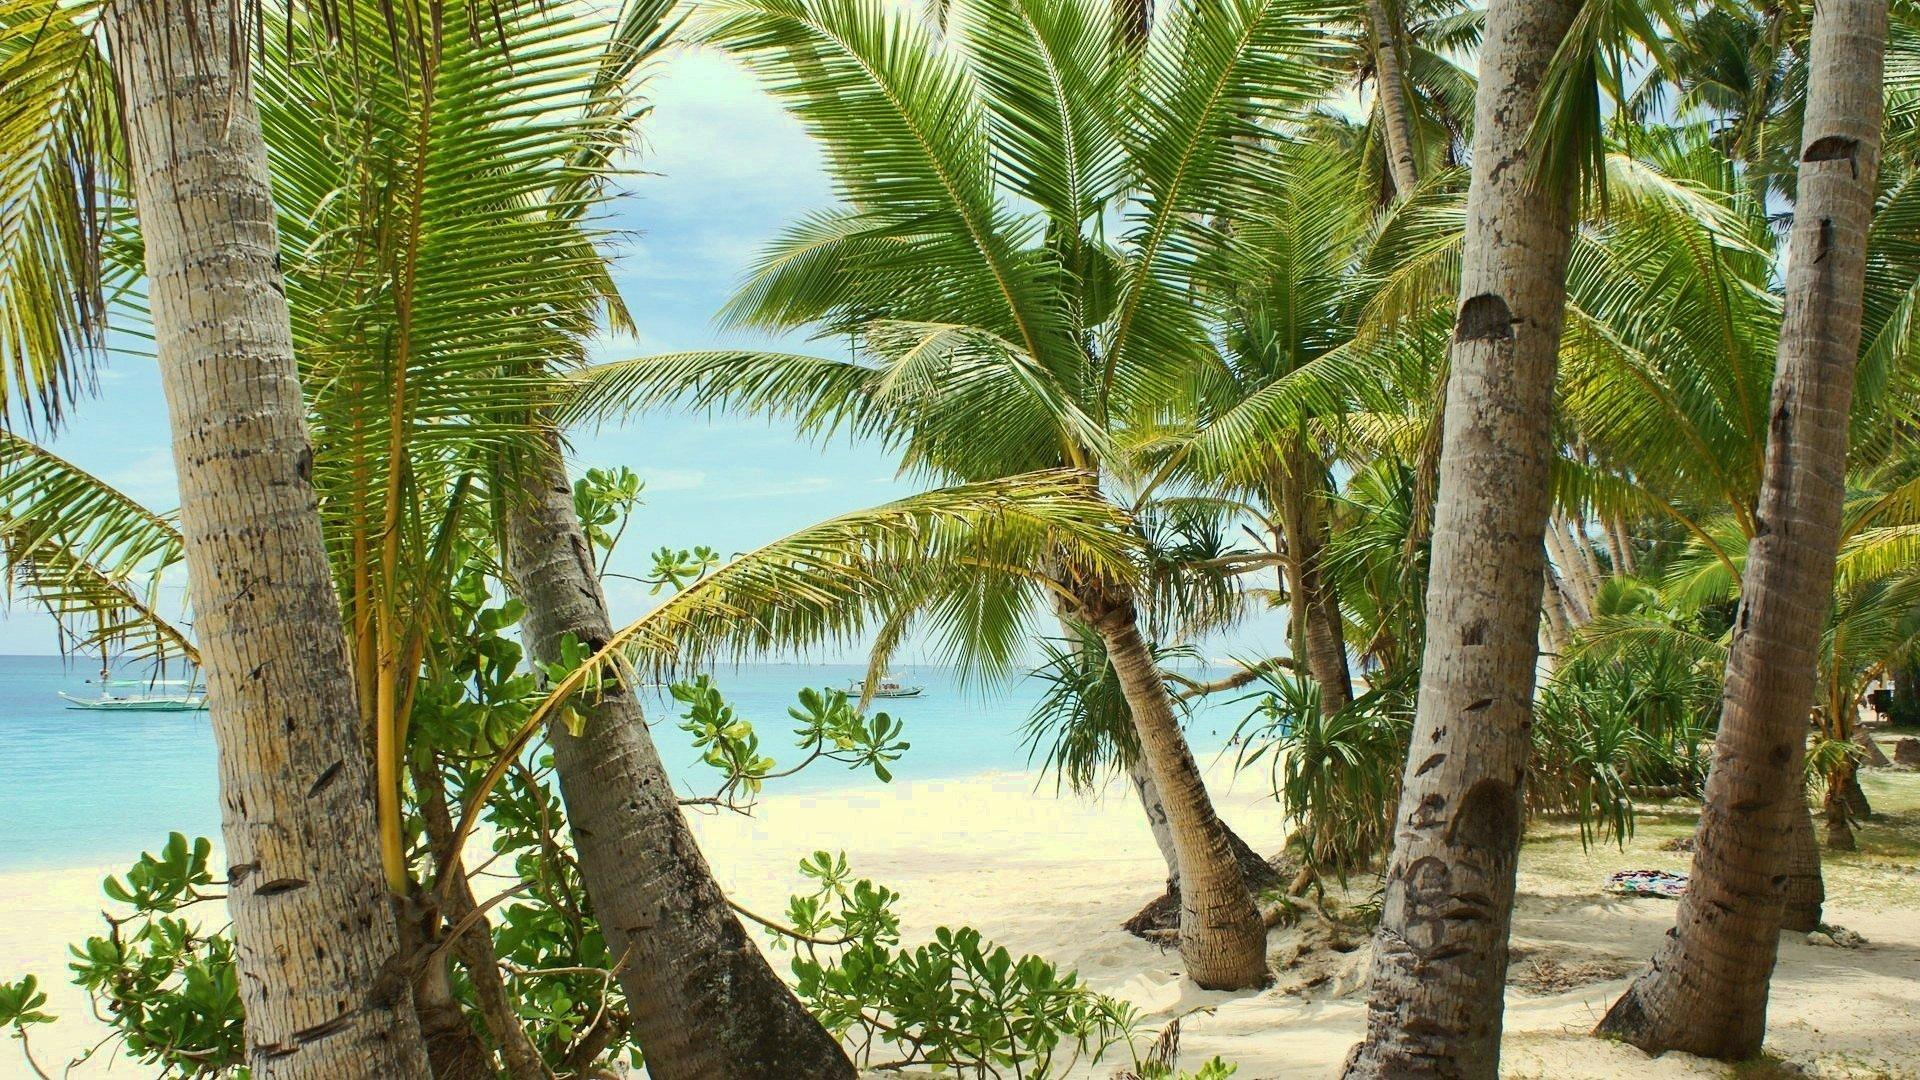 20209 скачать обои Пейзаж, Море, Пляж, Песок, Пальмы - заставки и картинки бесплатно